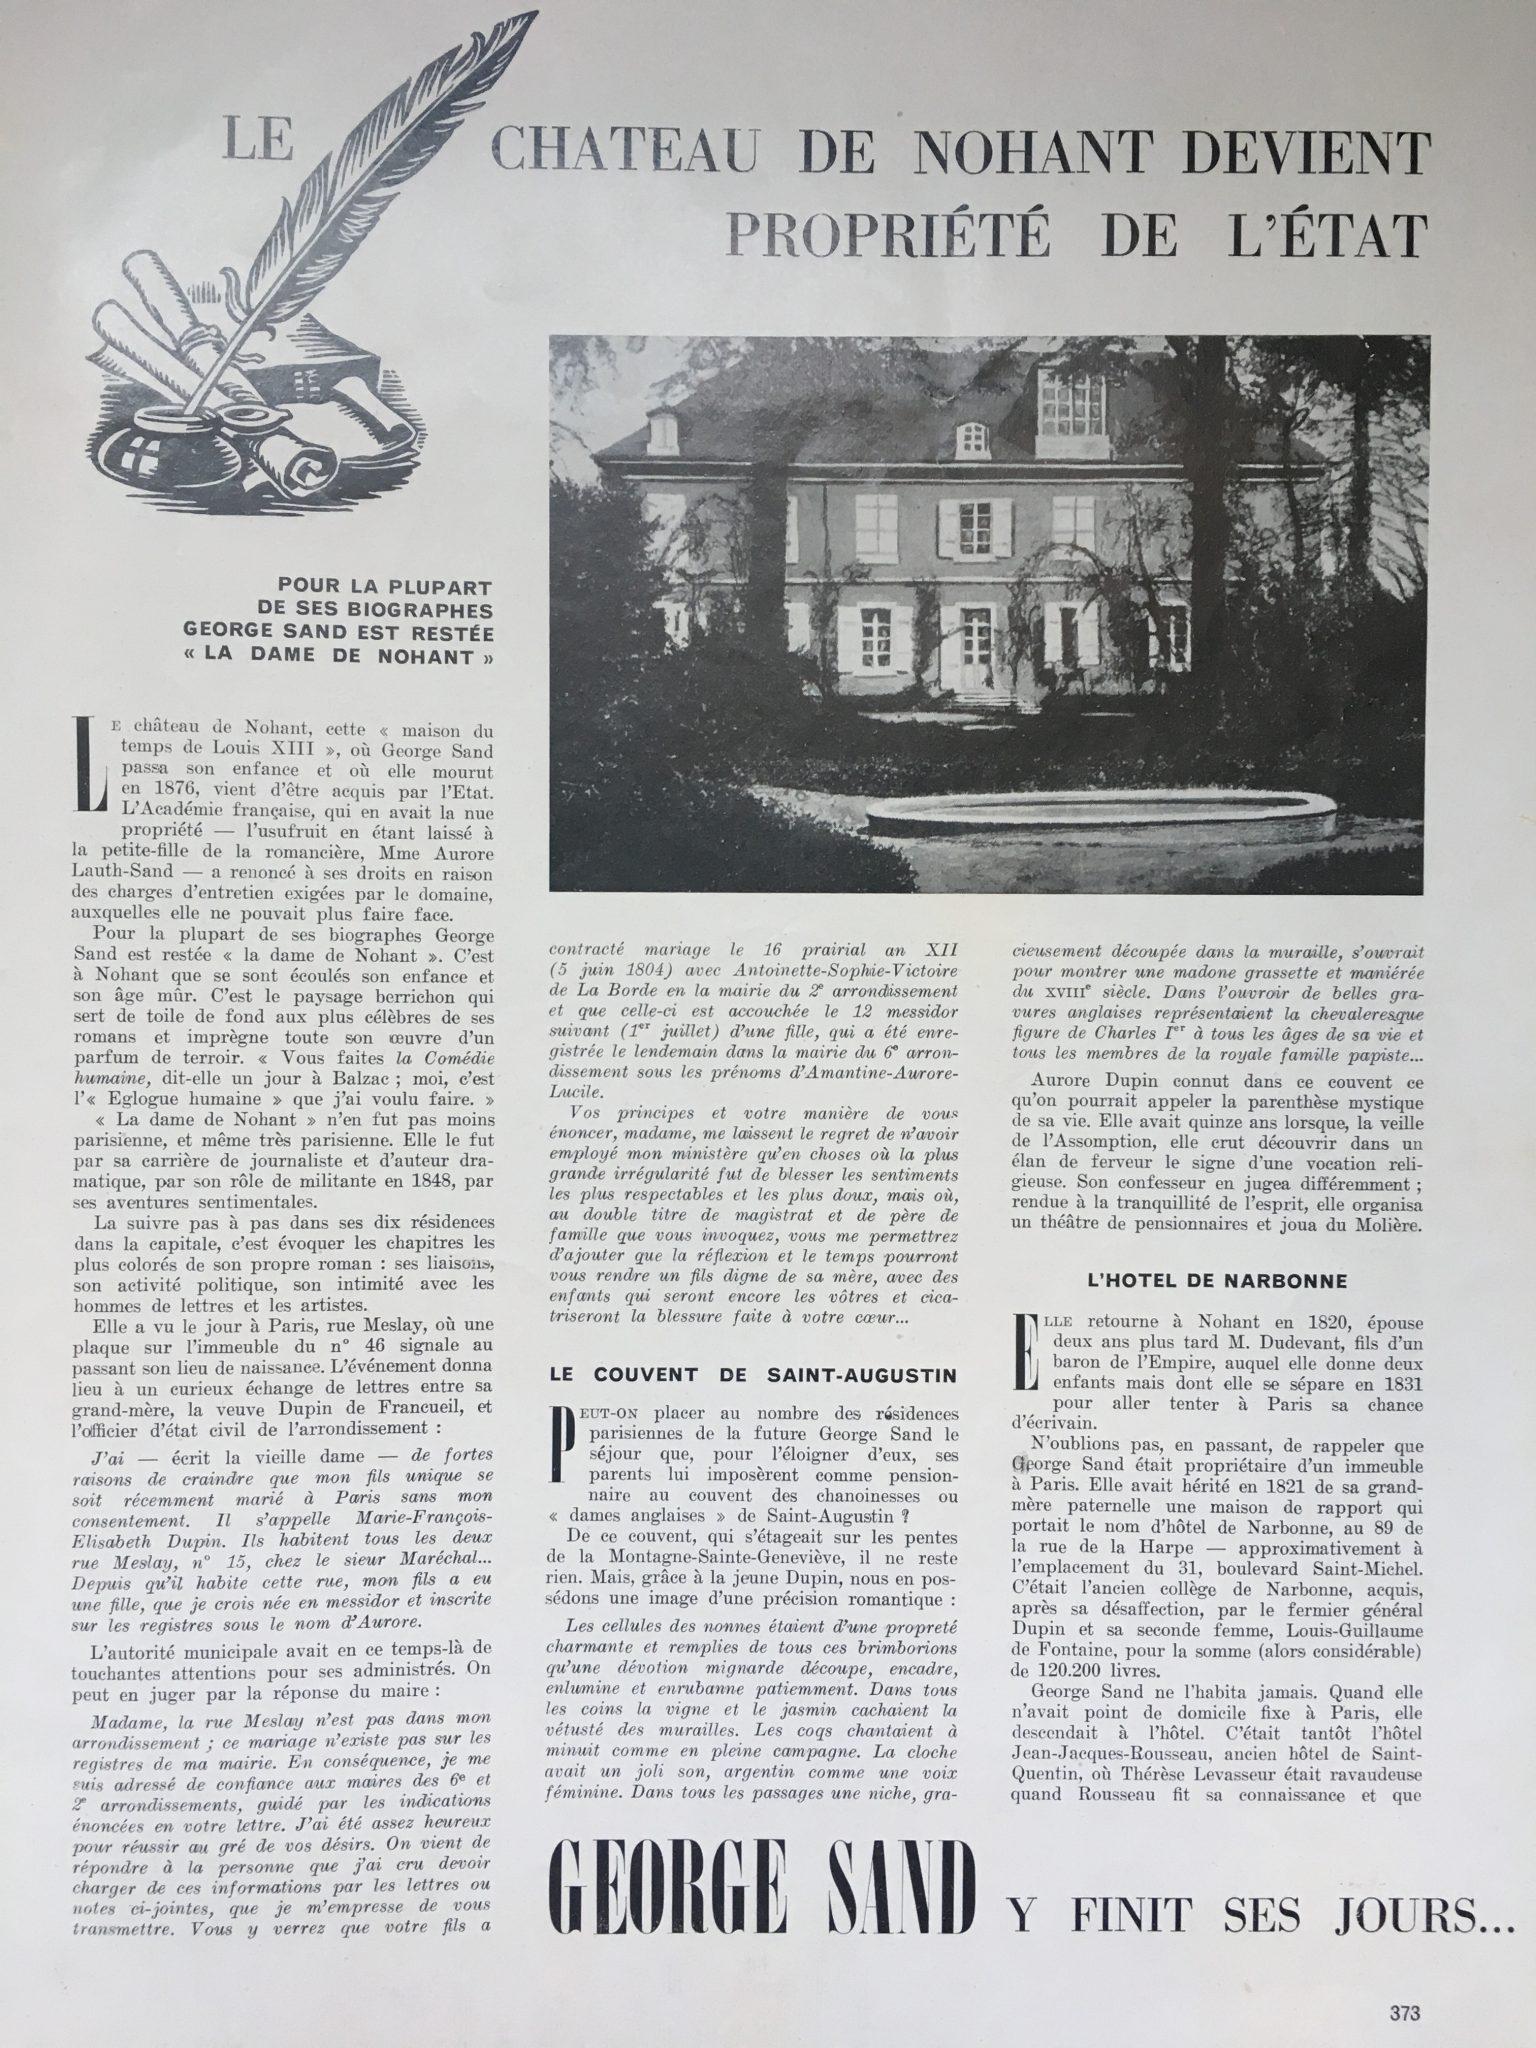 Les différents domiciles de George Sand